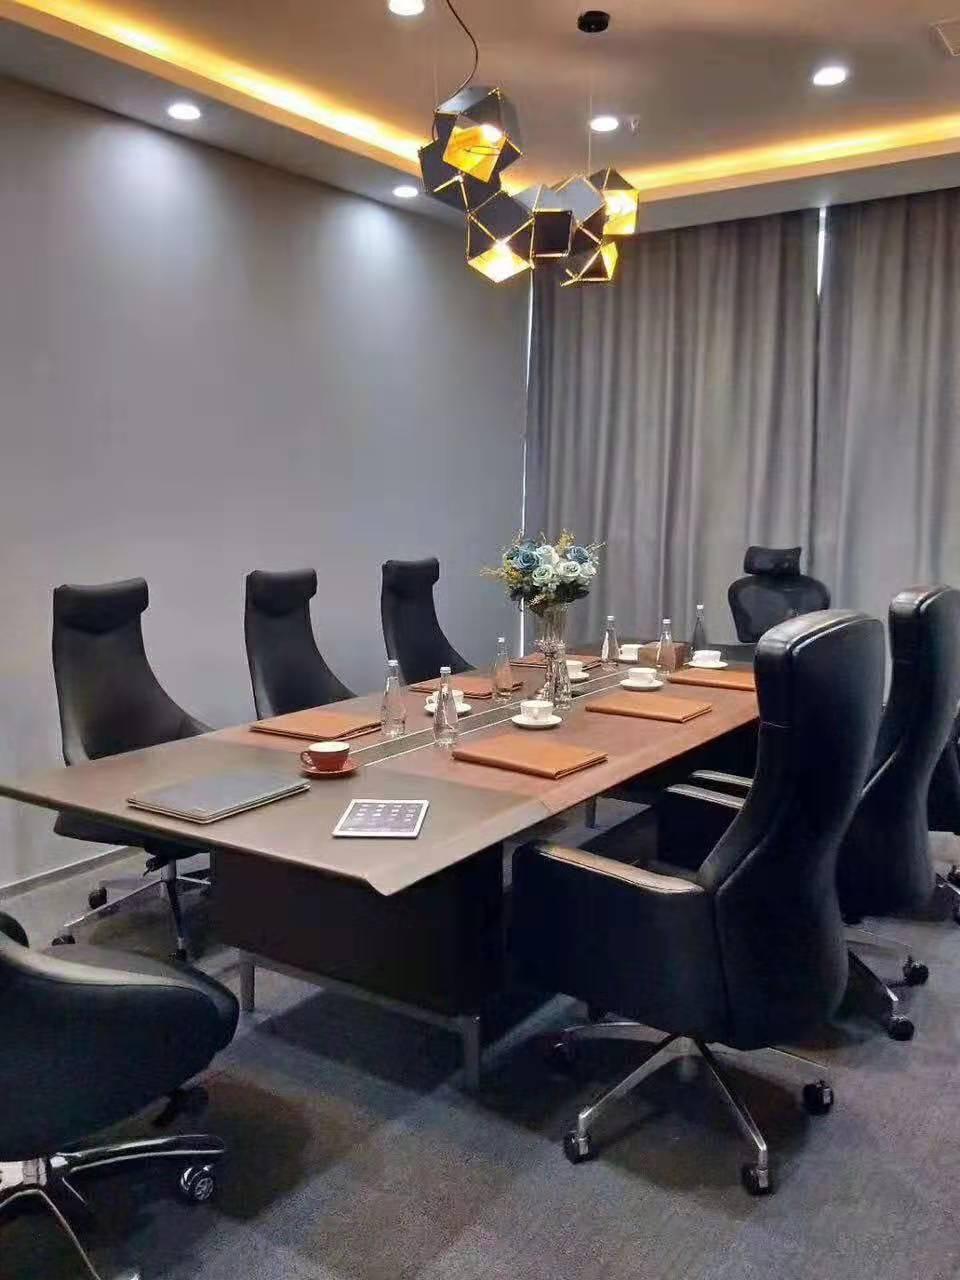 安徽办公室会议桌-十个人会议桌-长条型会议桌